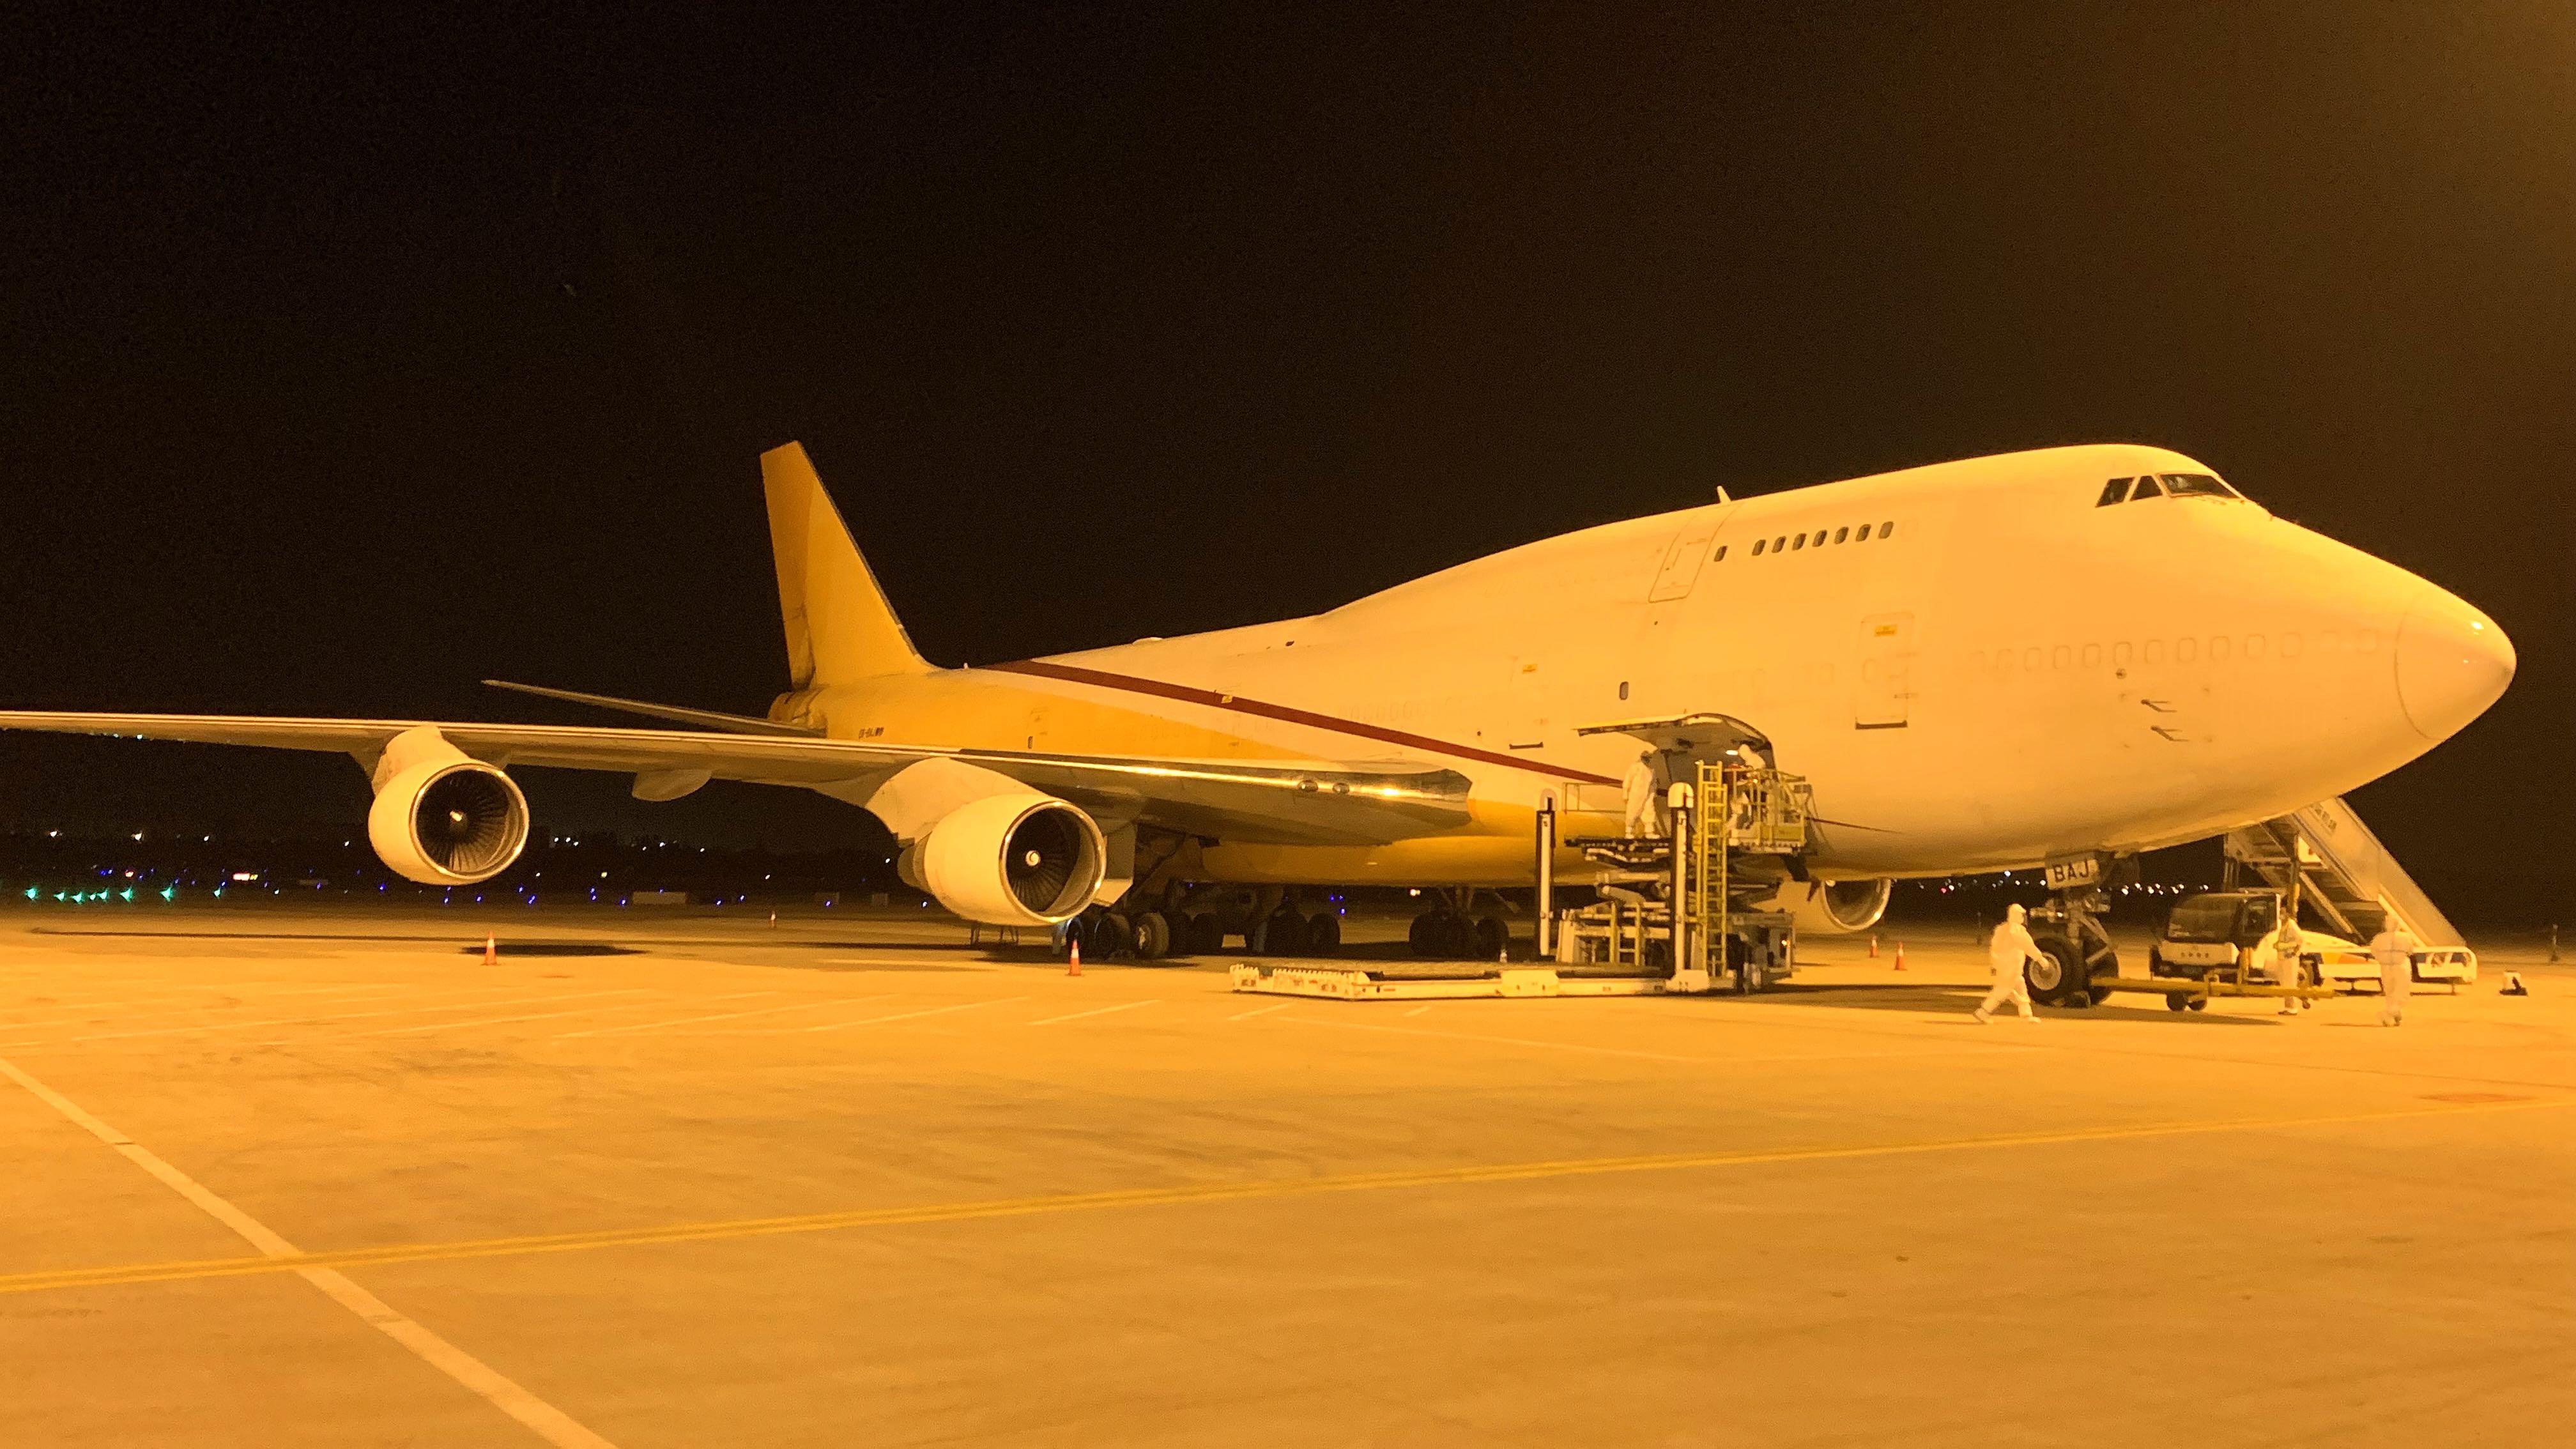 合肥机场开通欧洲货运新航线!